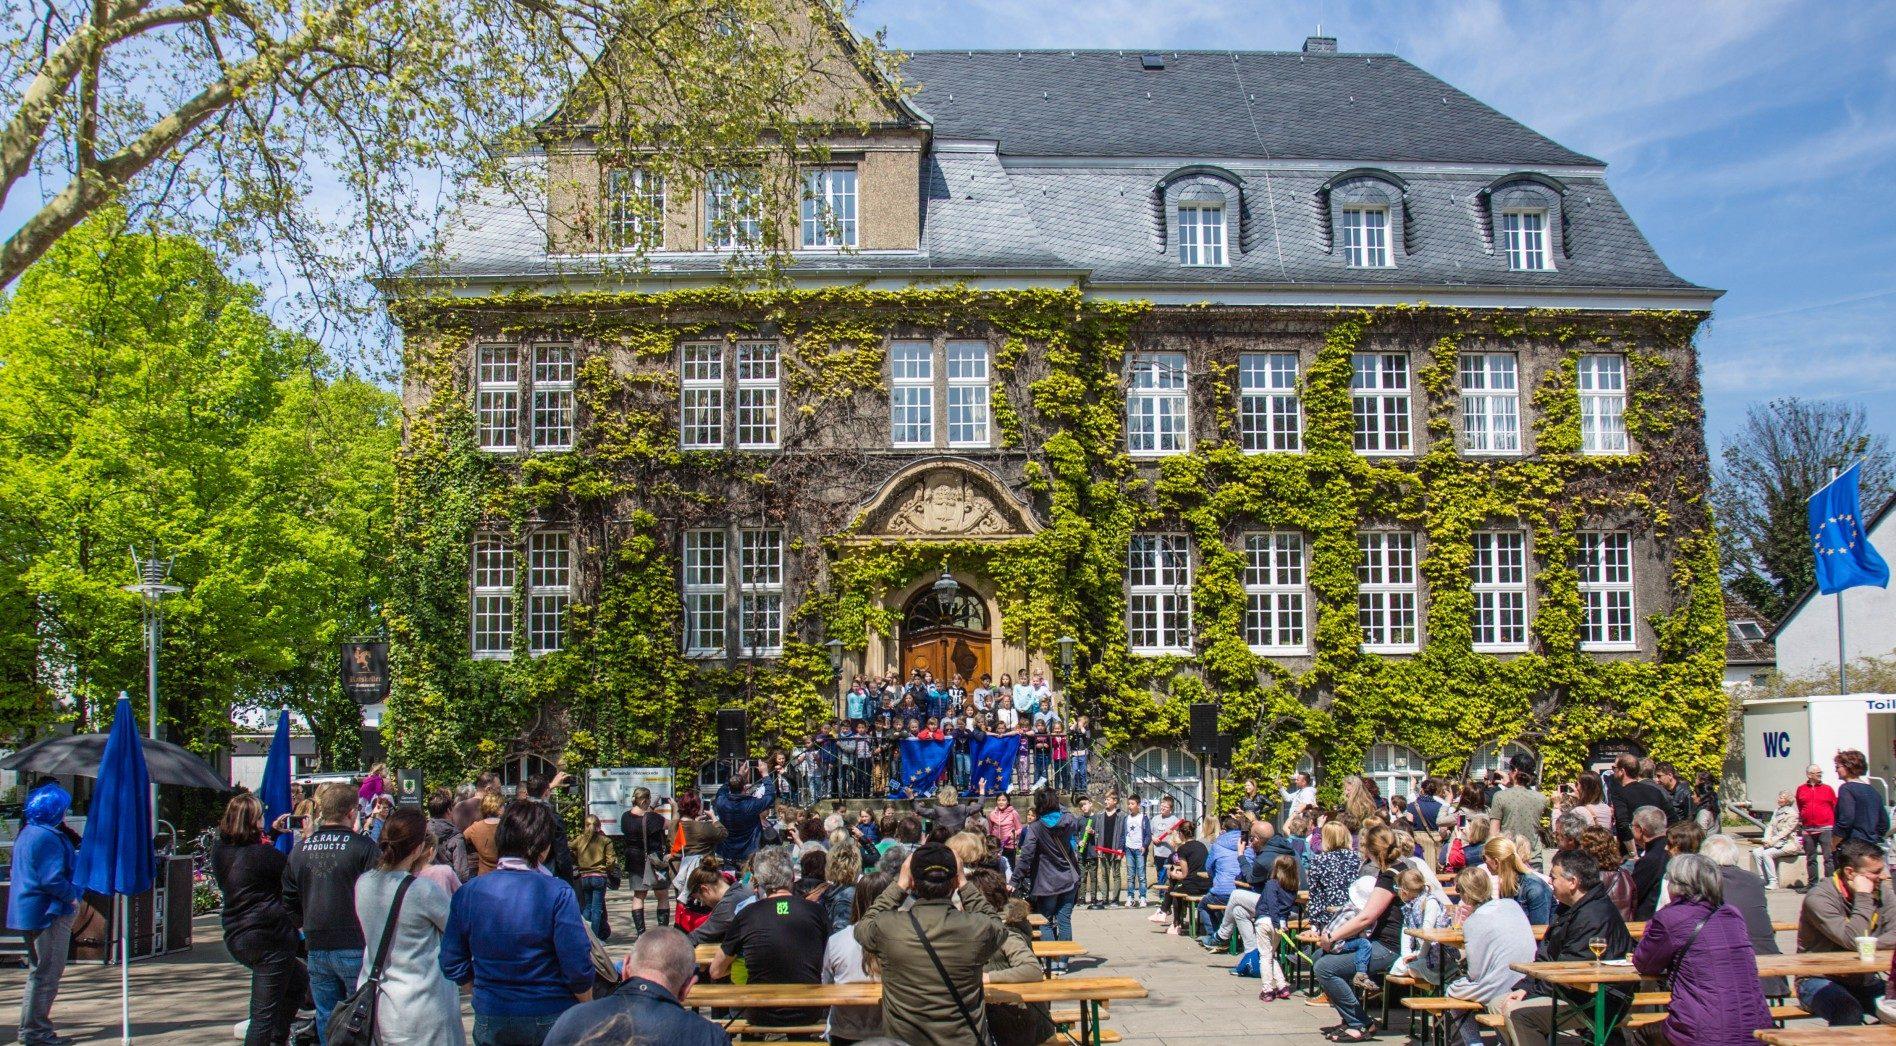 Zum ersten Europatag in der Gemeinde Holzwickede füllte sich der Marktplatz am frühen Nachmittag zusehends. (Foto: P. Gräber - Emscherblog.de)